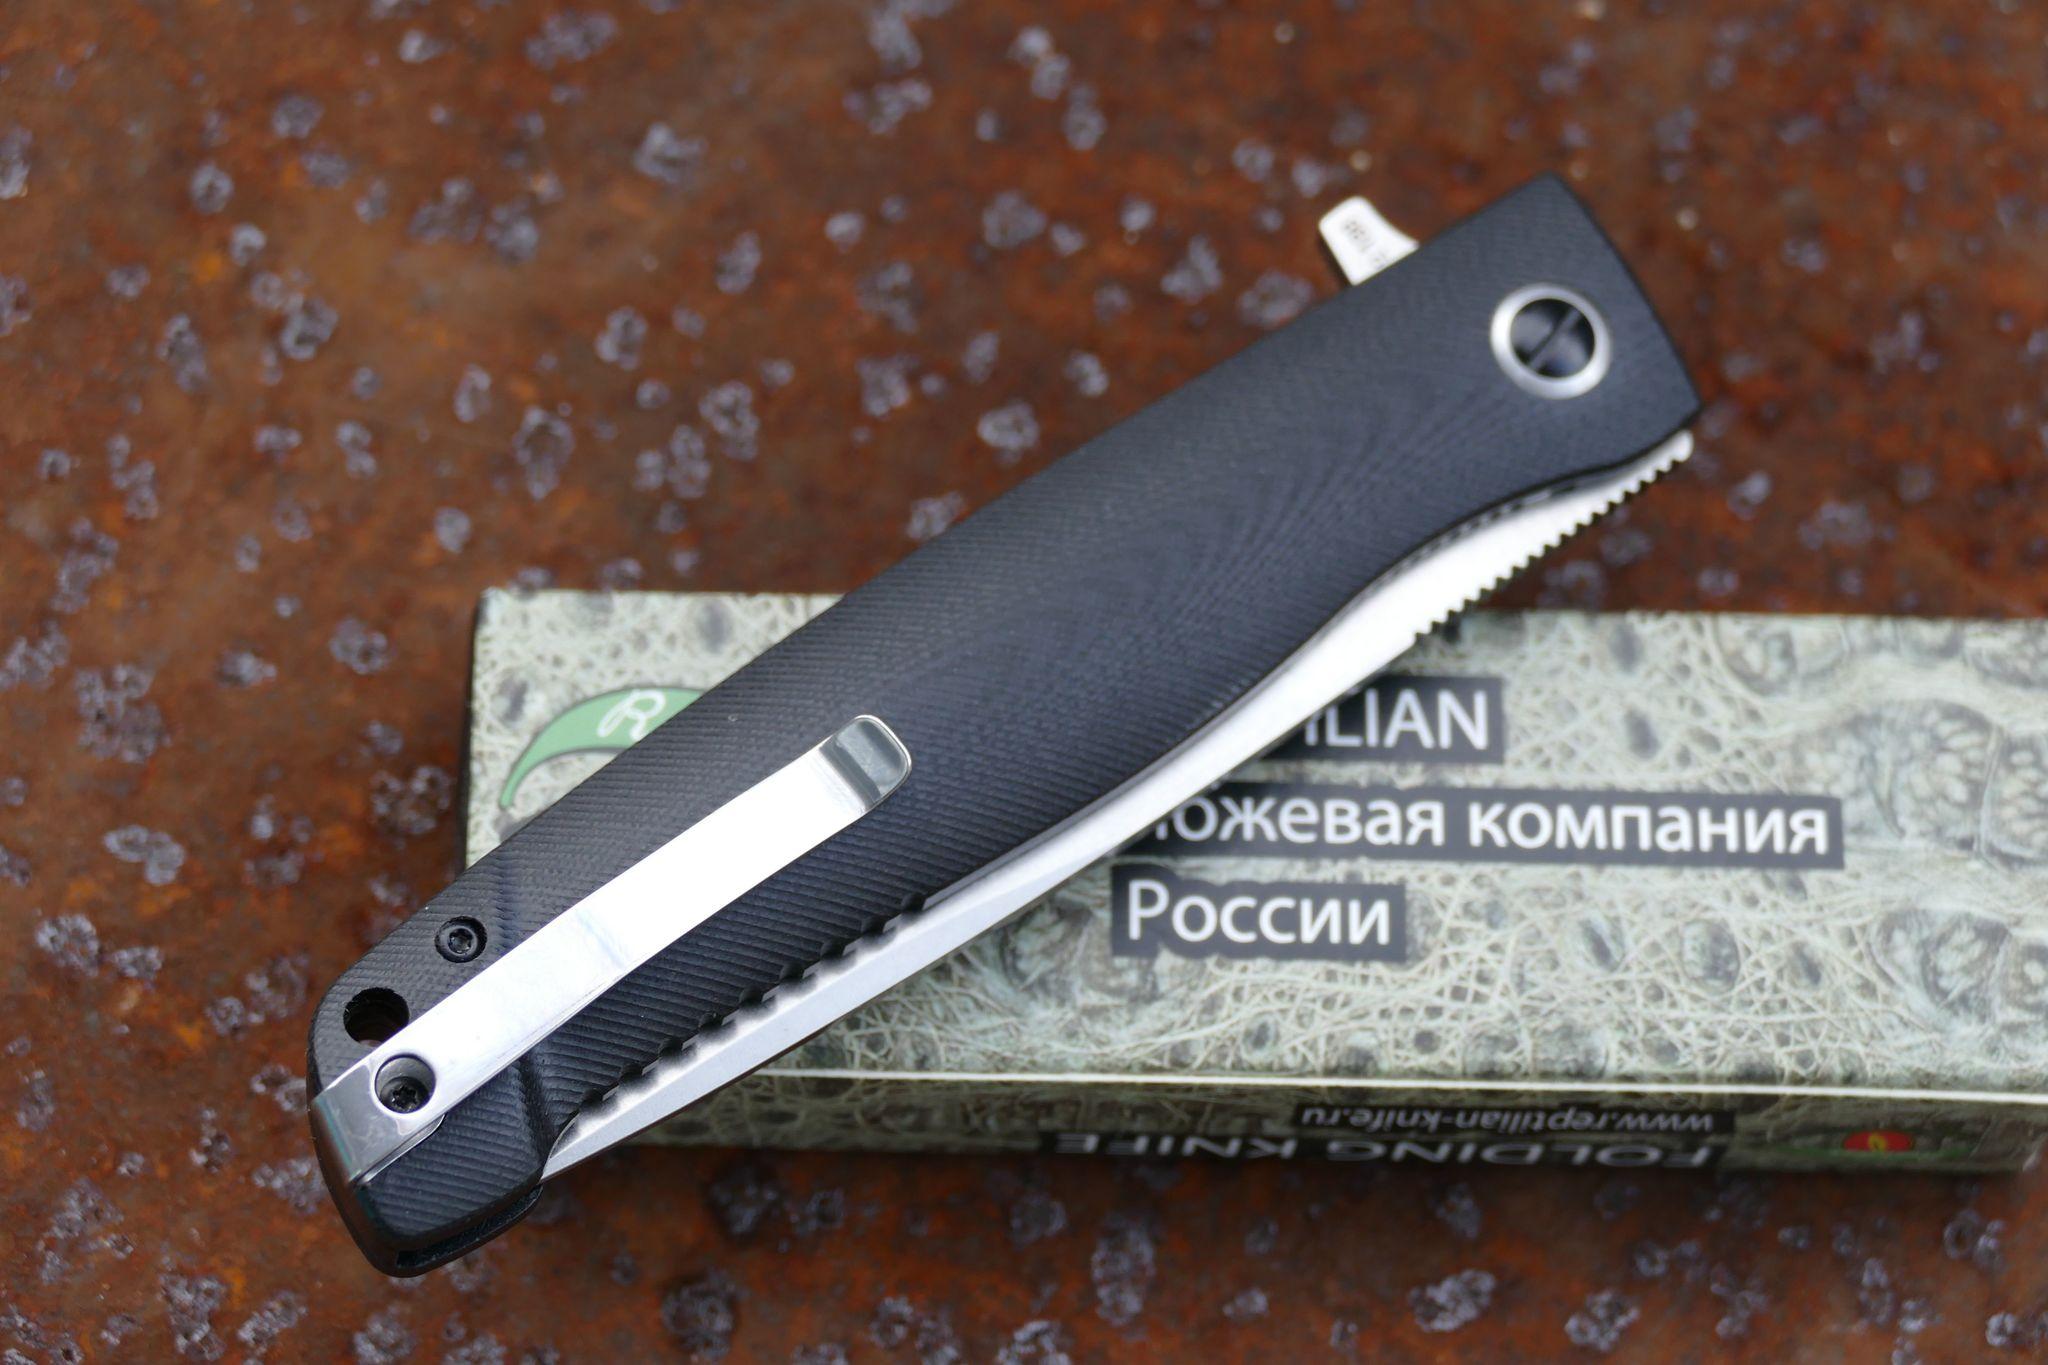 Фото 9 - Складной нож Карат 3 от Reptilian